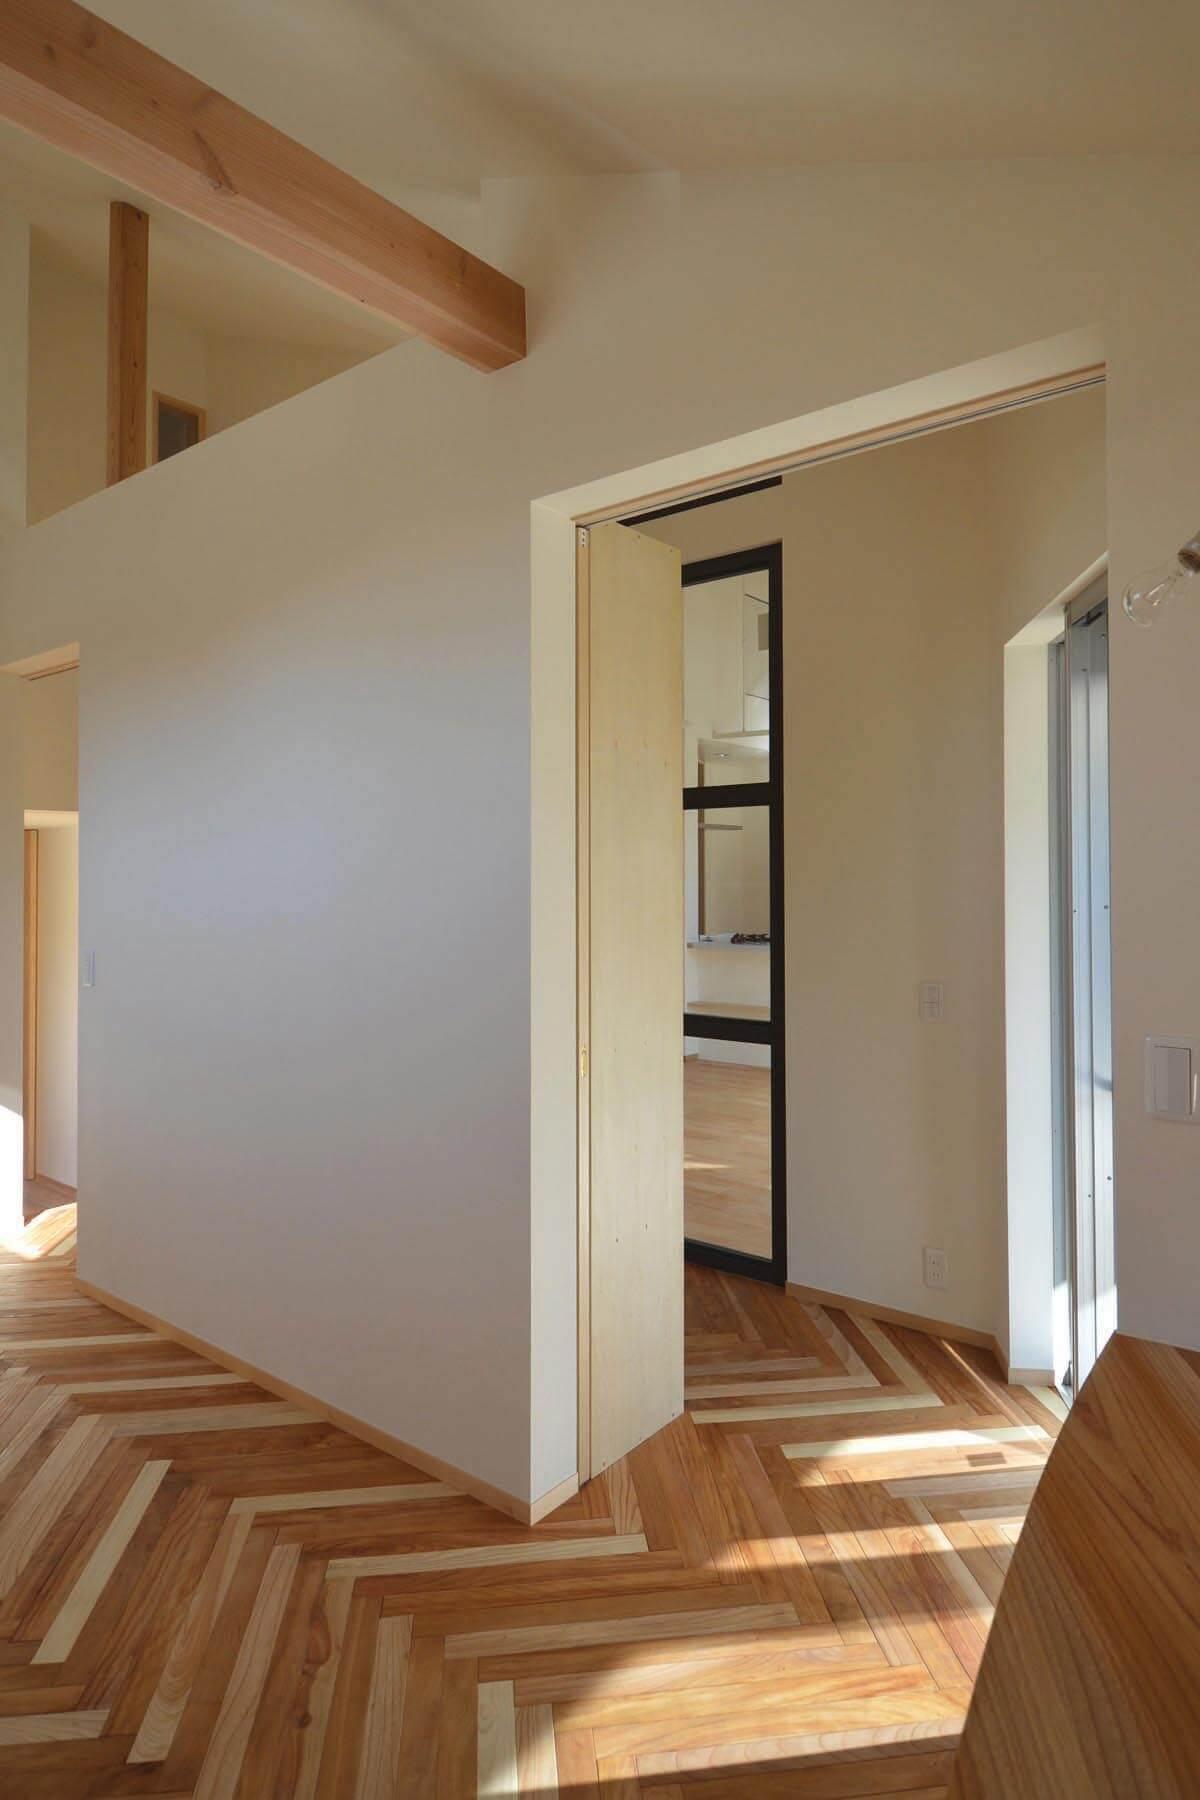 緑区A邸の趣味室から、黒フレーム内窓を通してダイニング方向への眺め